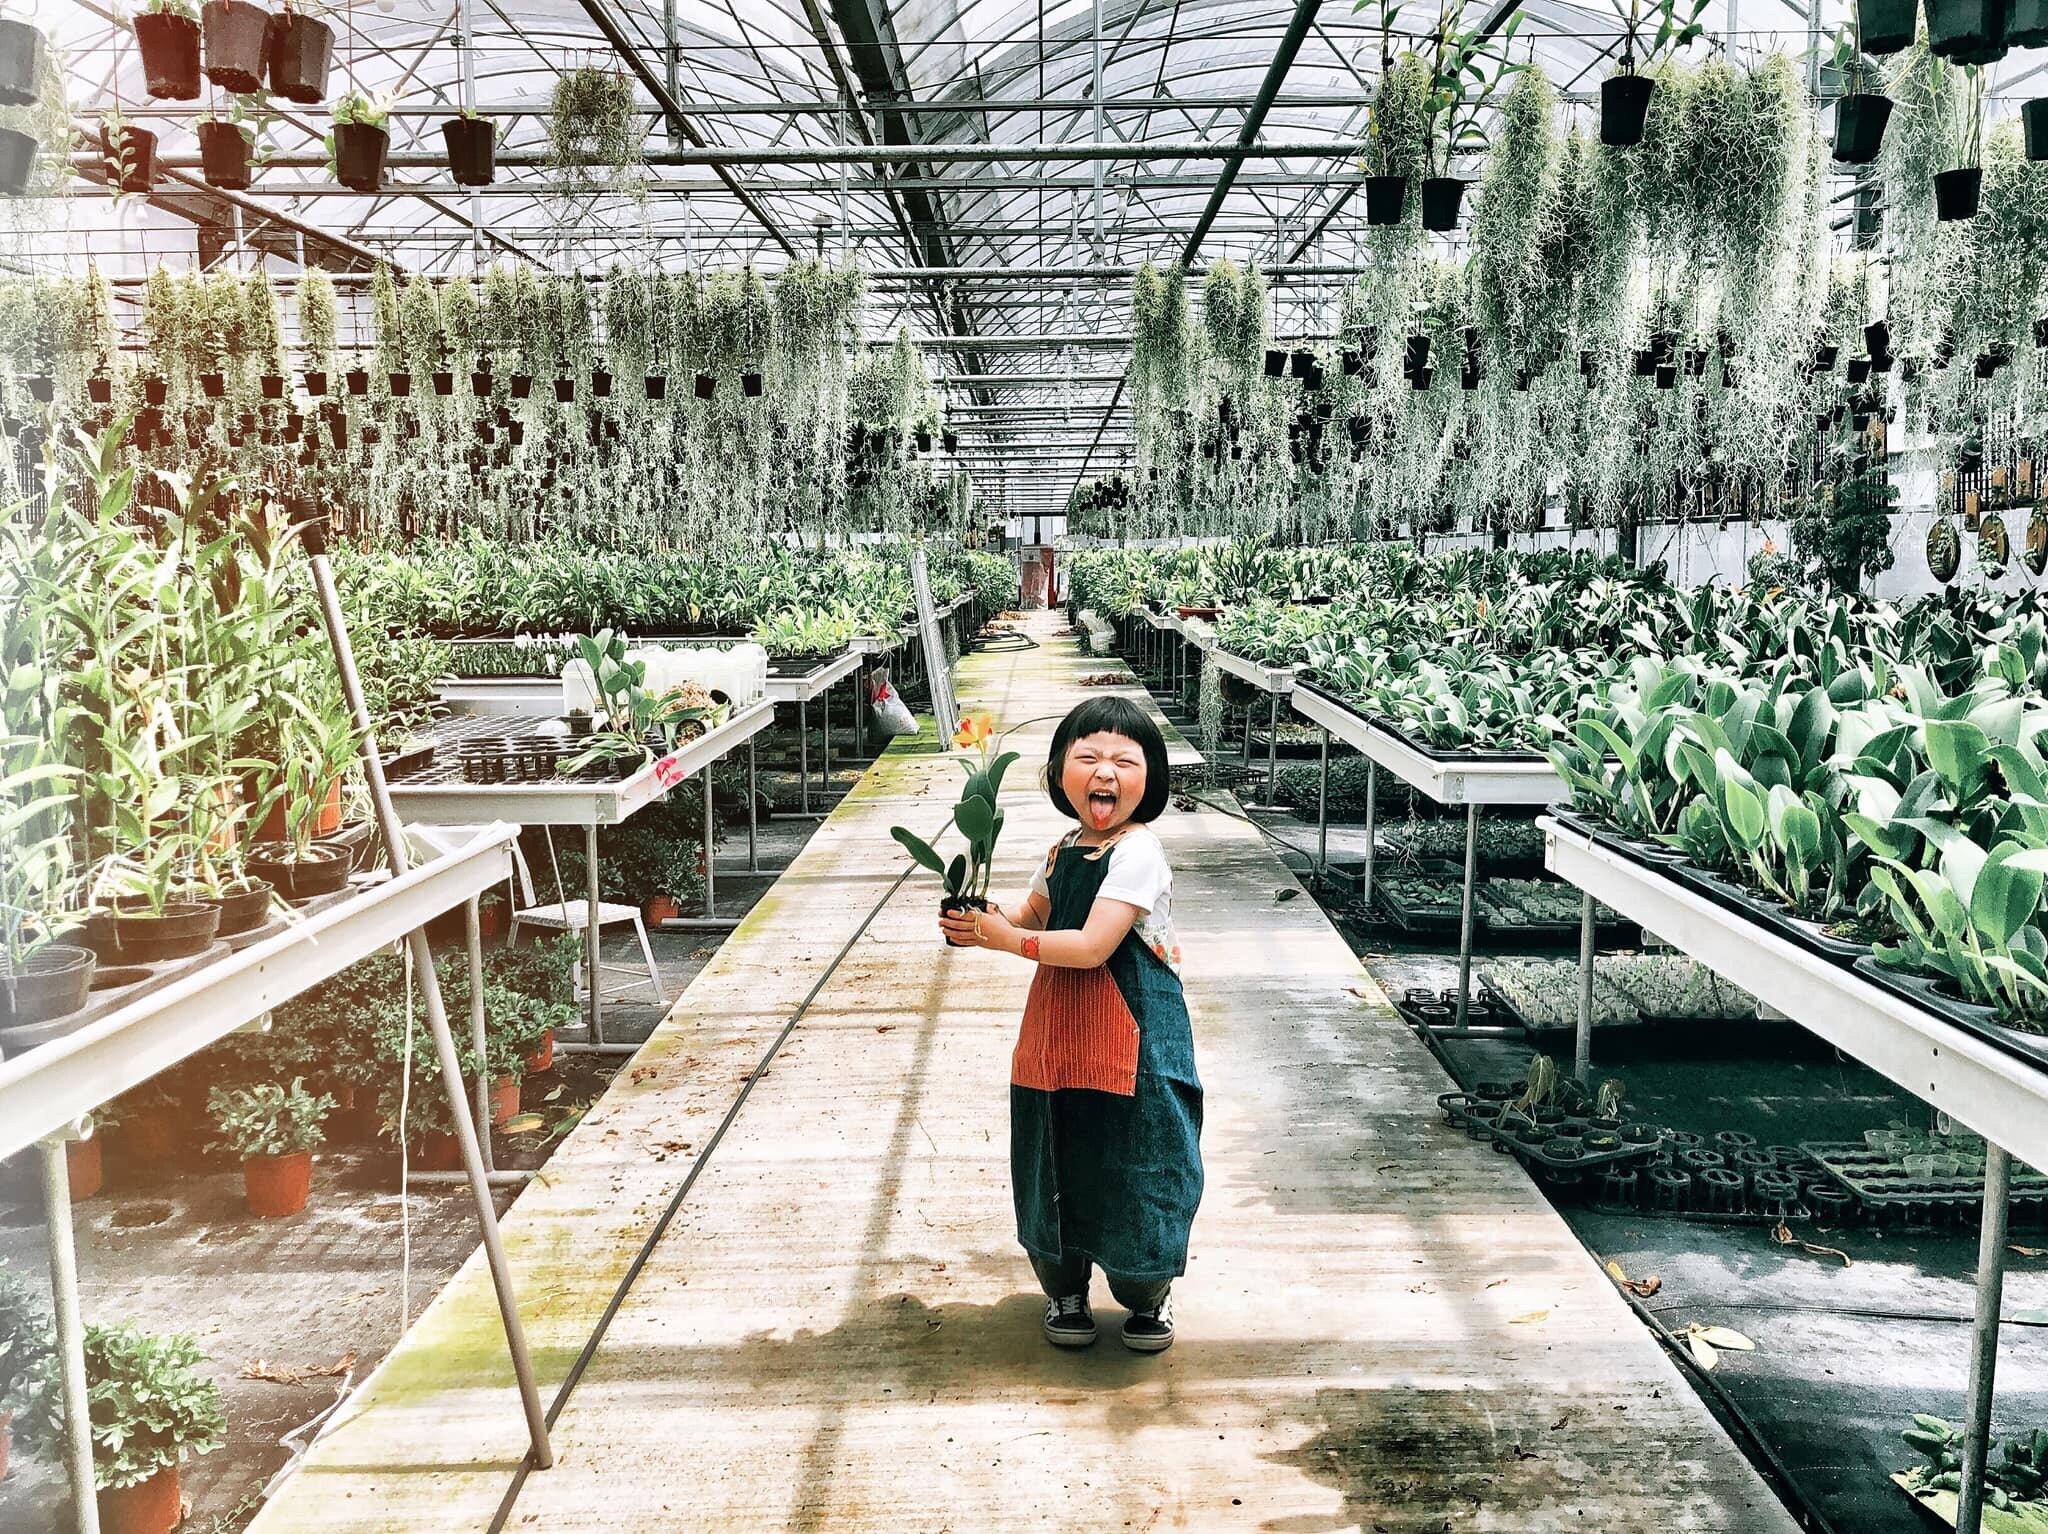 植物X職物 | 用雙手蓋一座森林遊樂園  由小星慢慢親自在市集攤位帶領大家, 希望讓親子可以在職人手作和植物的溫度中, 找回自然的感動。  時間 | All time 費用 | $300-350